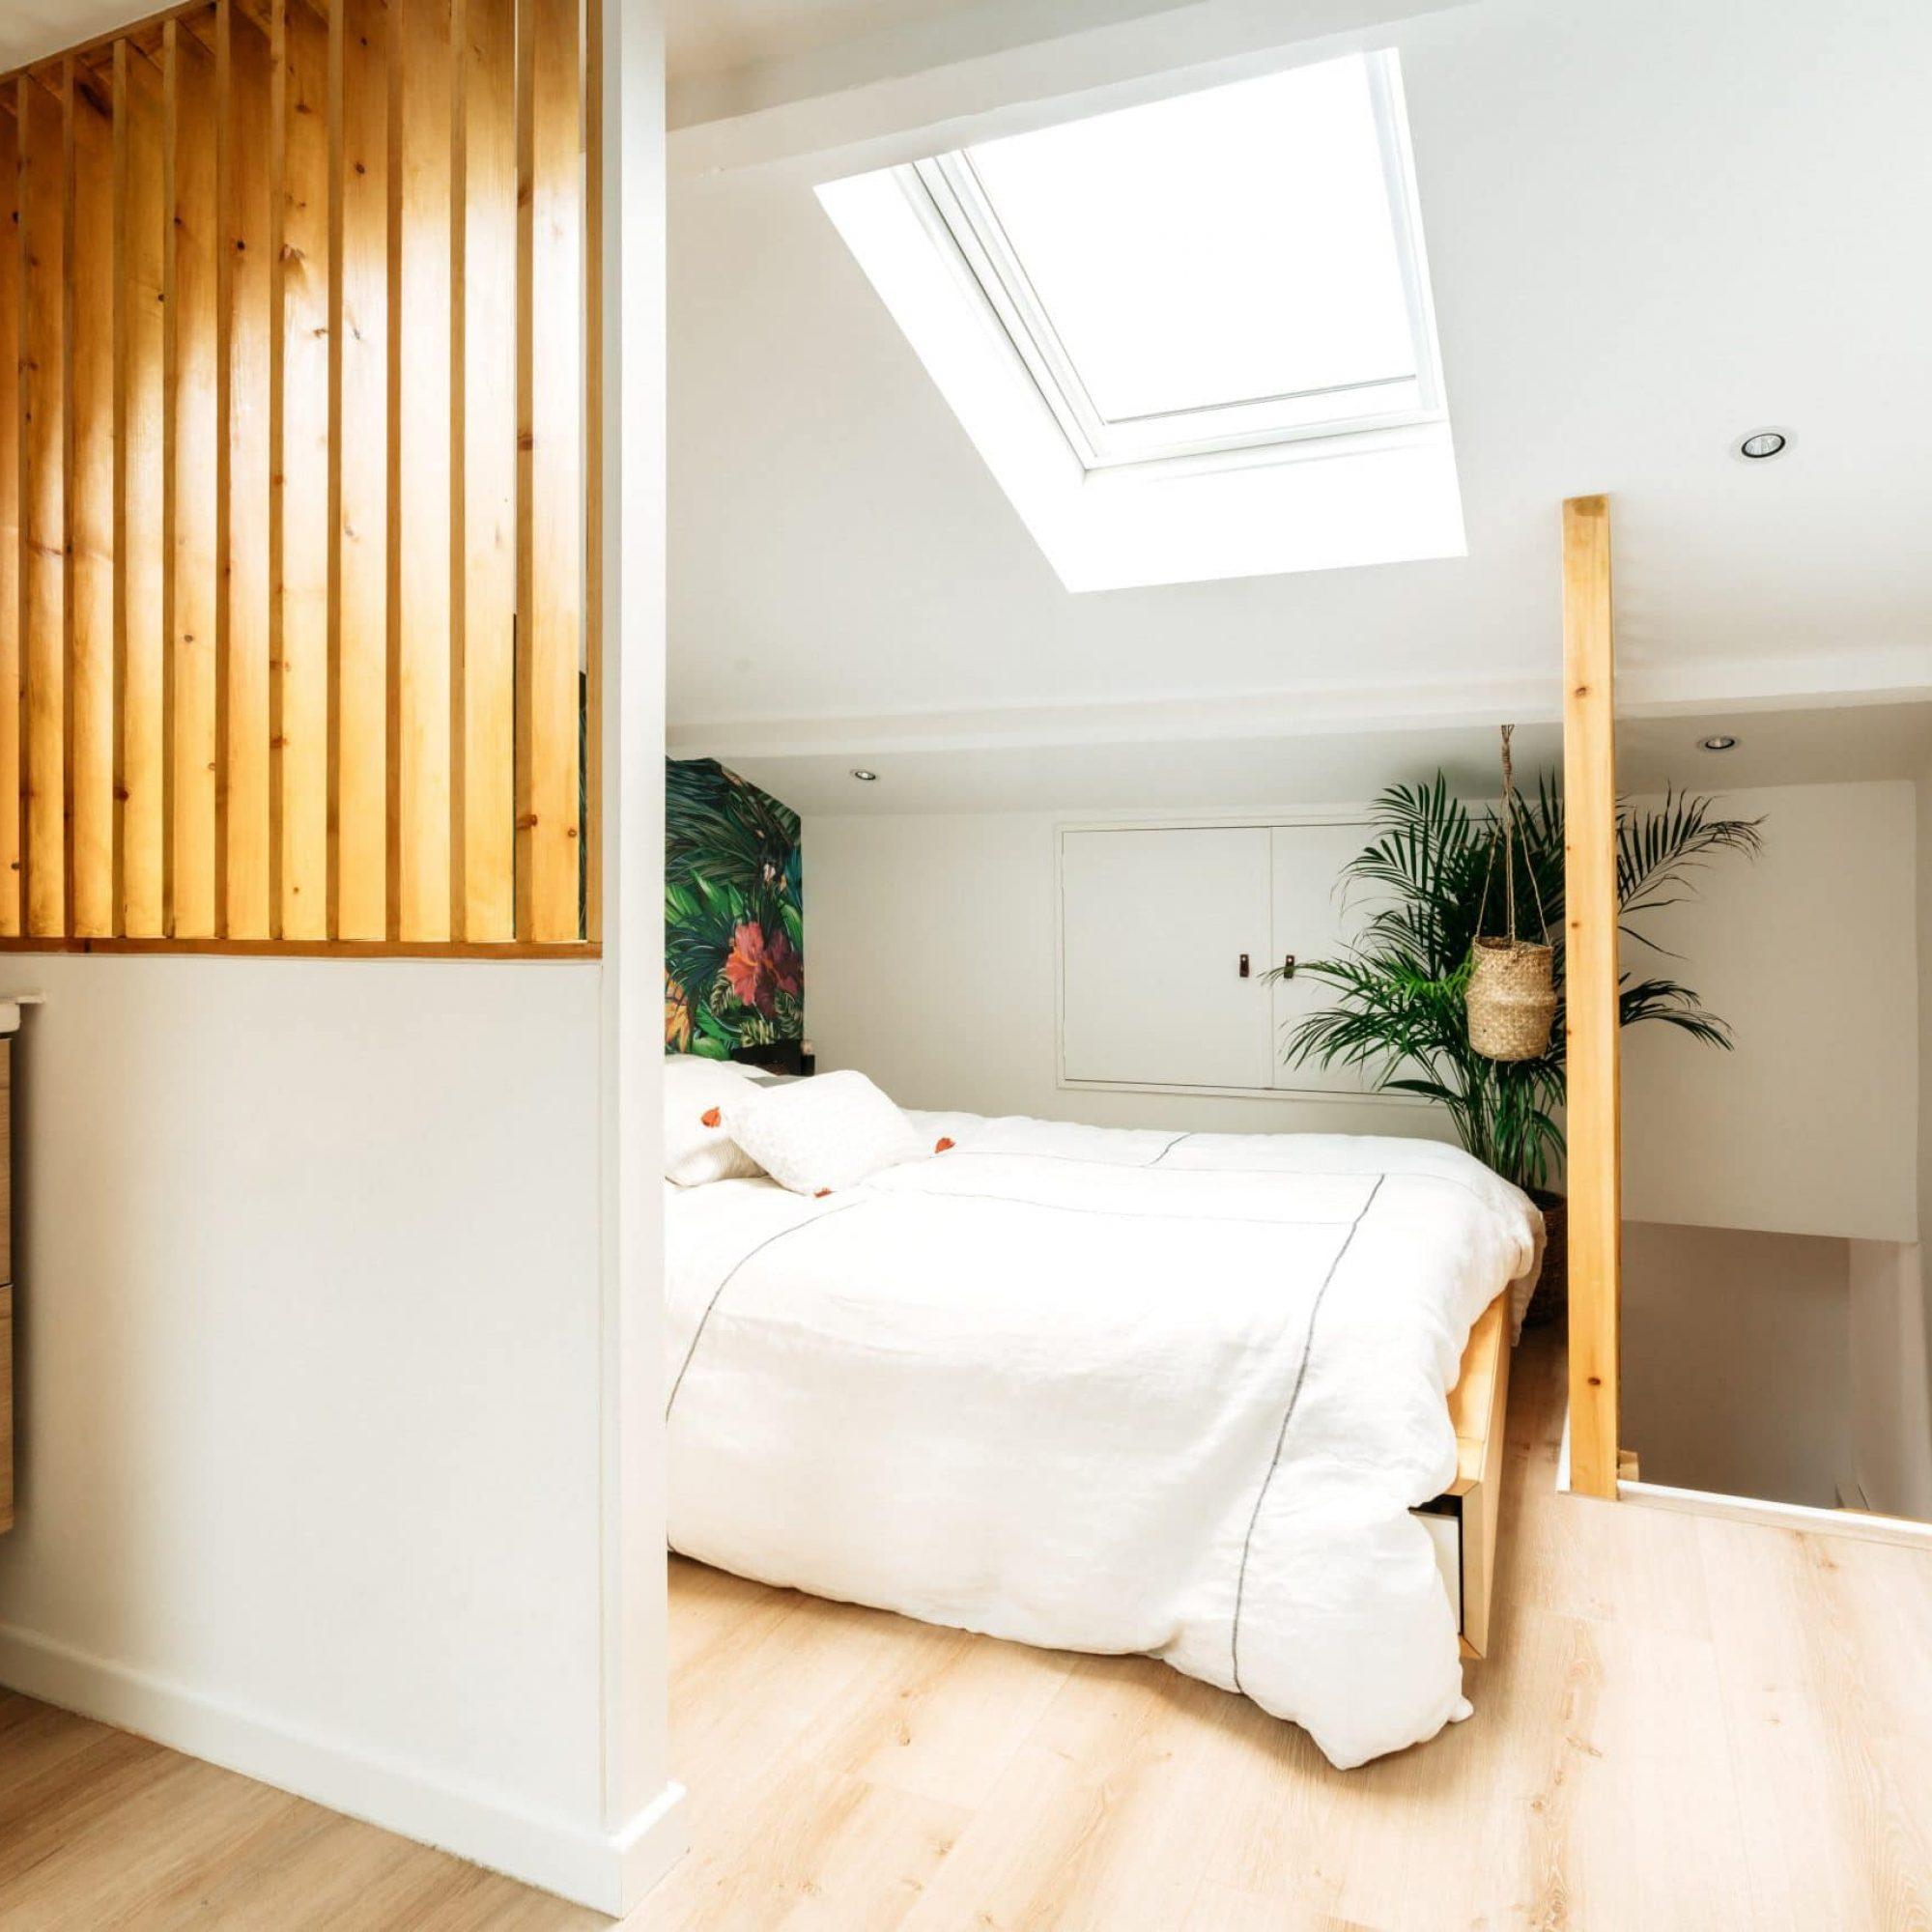 sousletoit-renovation-jeremydugas-architecte-interieur-decoration-travaux-aménagement-montpellier-herault-papier-peint-jungle-wood-leroymerlin